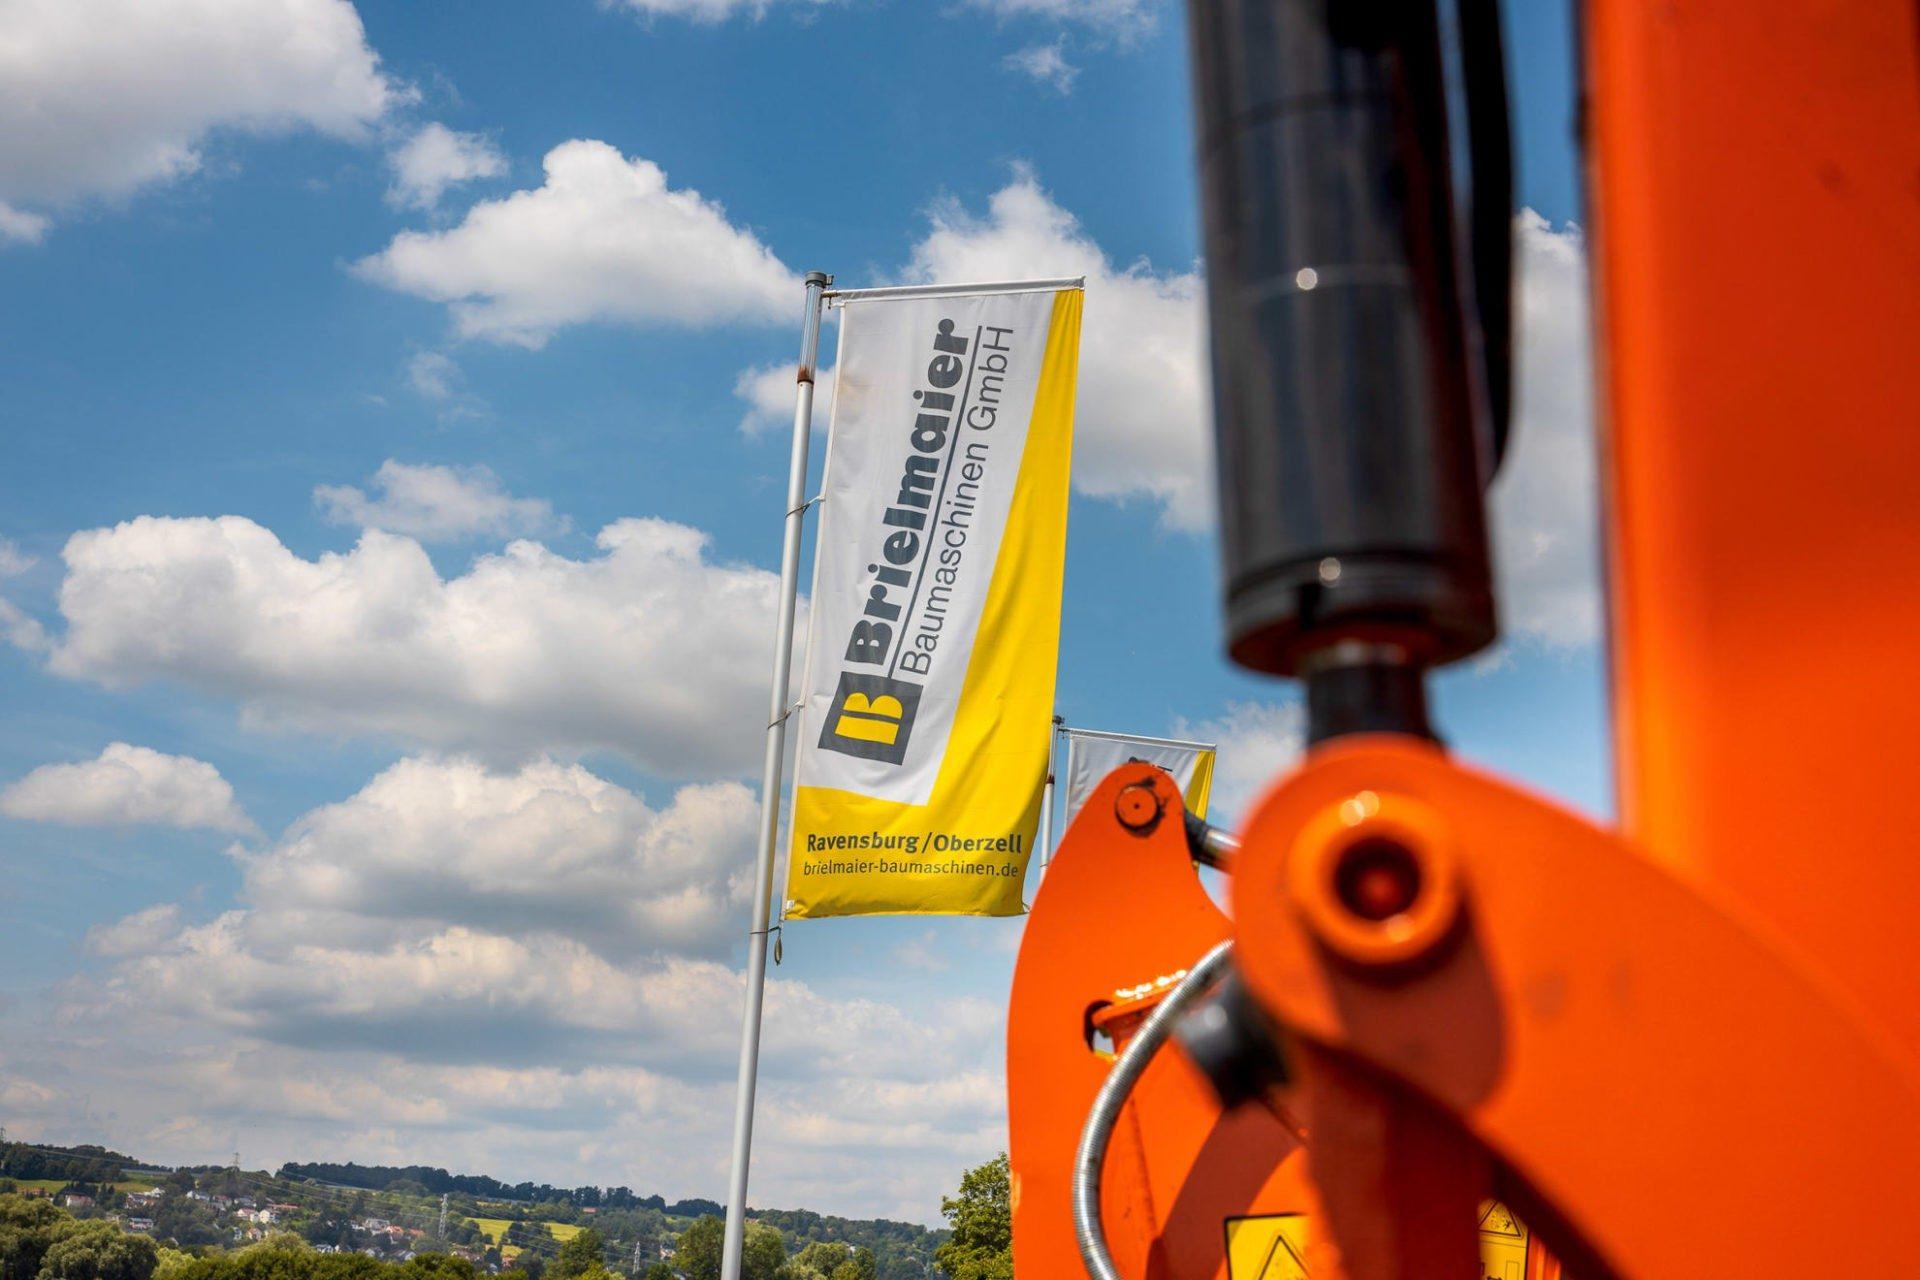 Brielmaier Baumaschinen Ravensburg